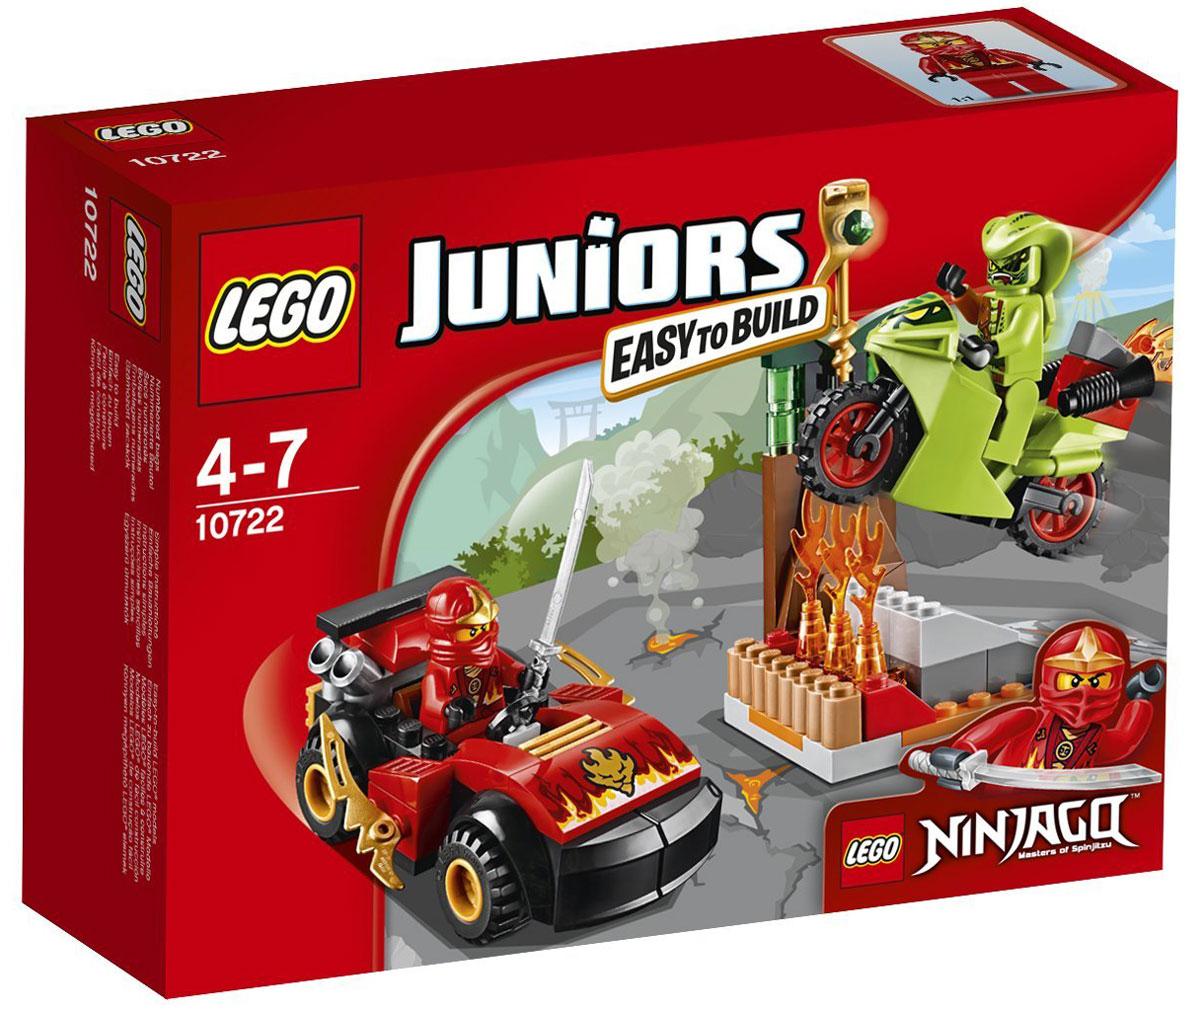 LEGO Juniors Конструктор Схватка со змеями 1072210722Злобный змей Лаша хочет заполучить золотой змеиный посох, поэтому нужно помочь Каю победить его! Используй машину Кая и меч ниндзя, чтобы сразиться со злодеем. Конструктор LEGO Juniors Схватка со змеями включает в себя 92 разноцветных пластиковых элемента с двумя фигурками. Конструктор - это один из самых увлекательных и веселых способов времяпрепровождения. Ребенок сможет часами играть с конструктором, придумывая различные ситуации и истории.